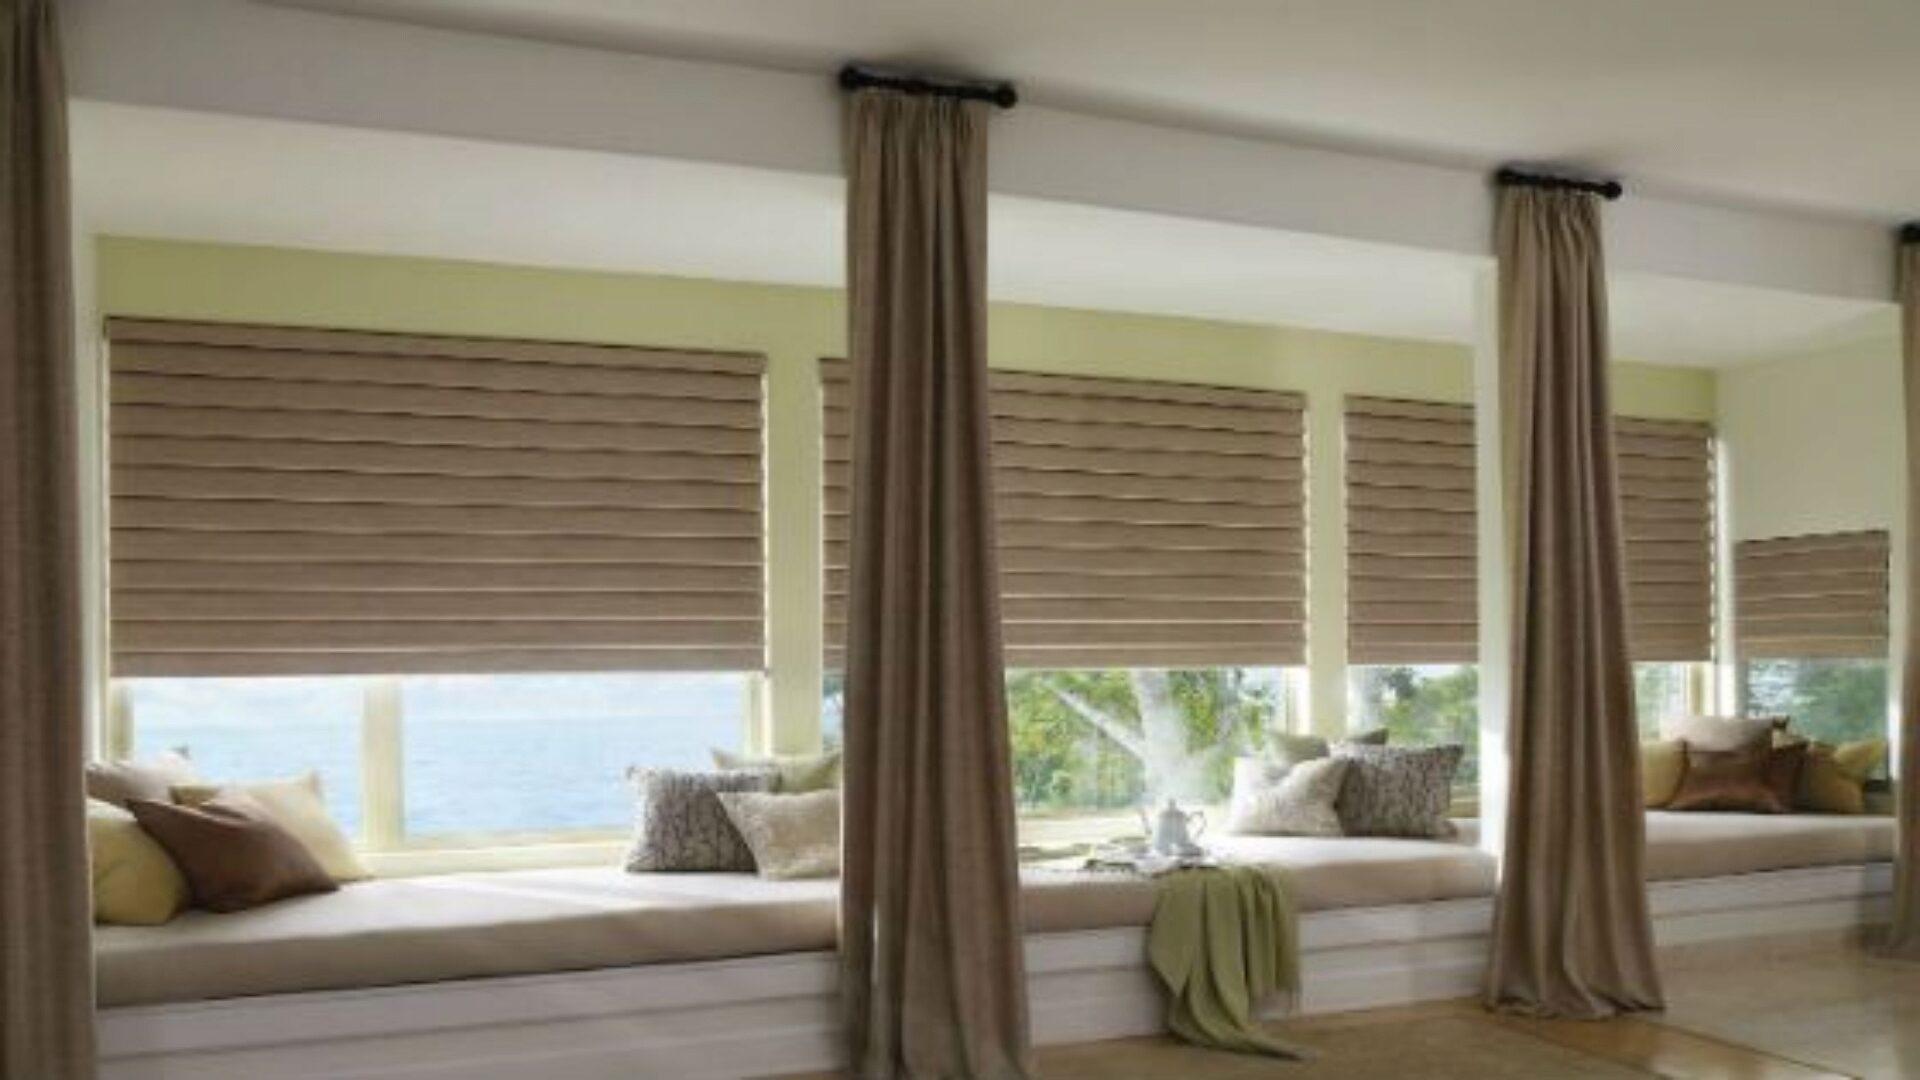 Жалюзи и шторы зрительно увеличивают низкие окна